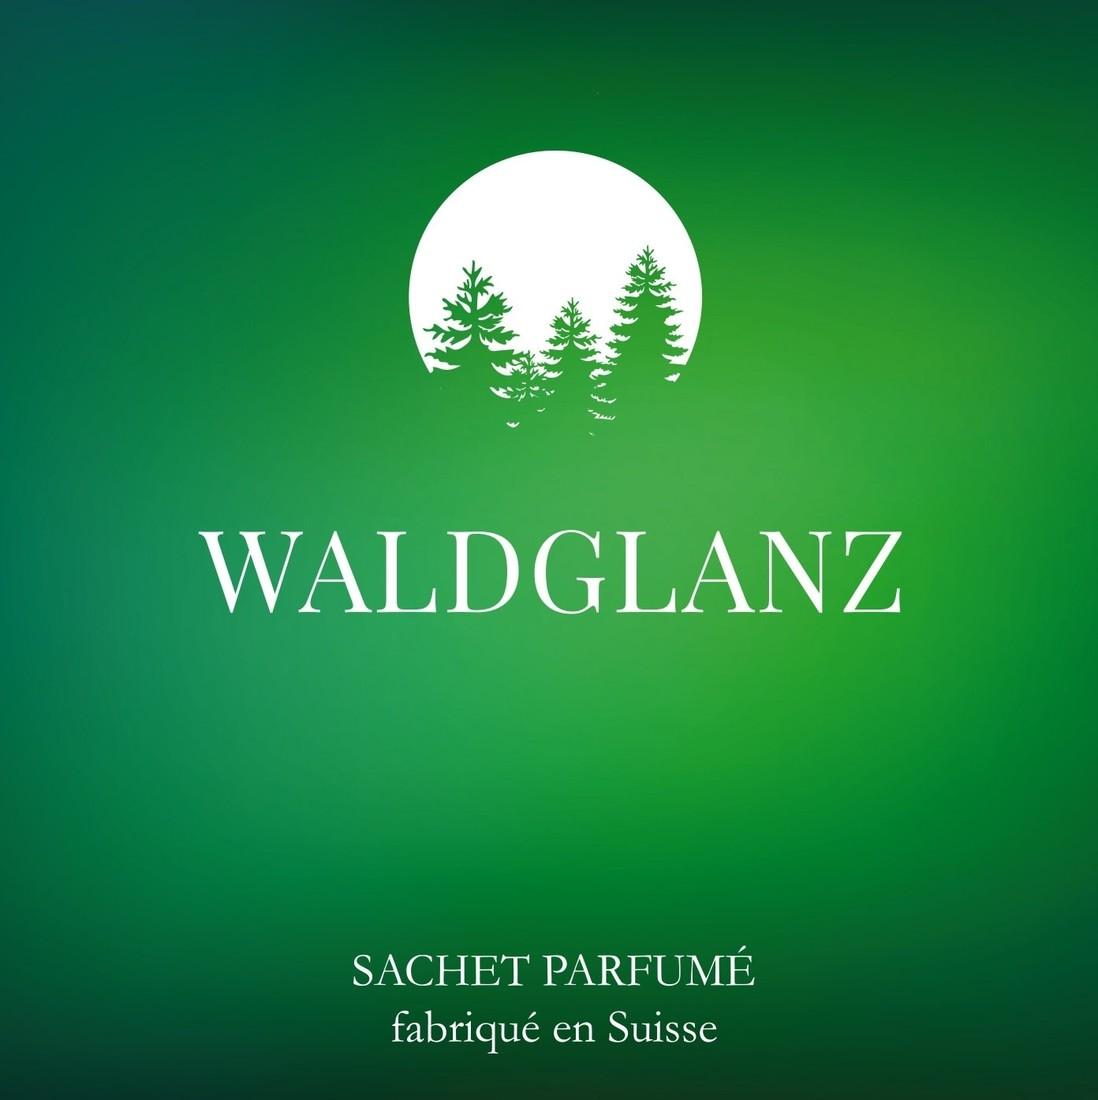 Duftsachet - Waldglanz